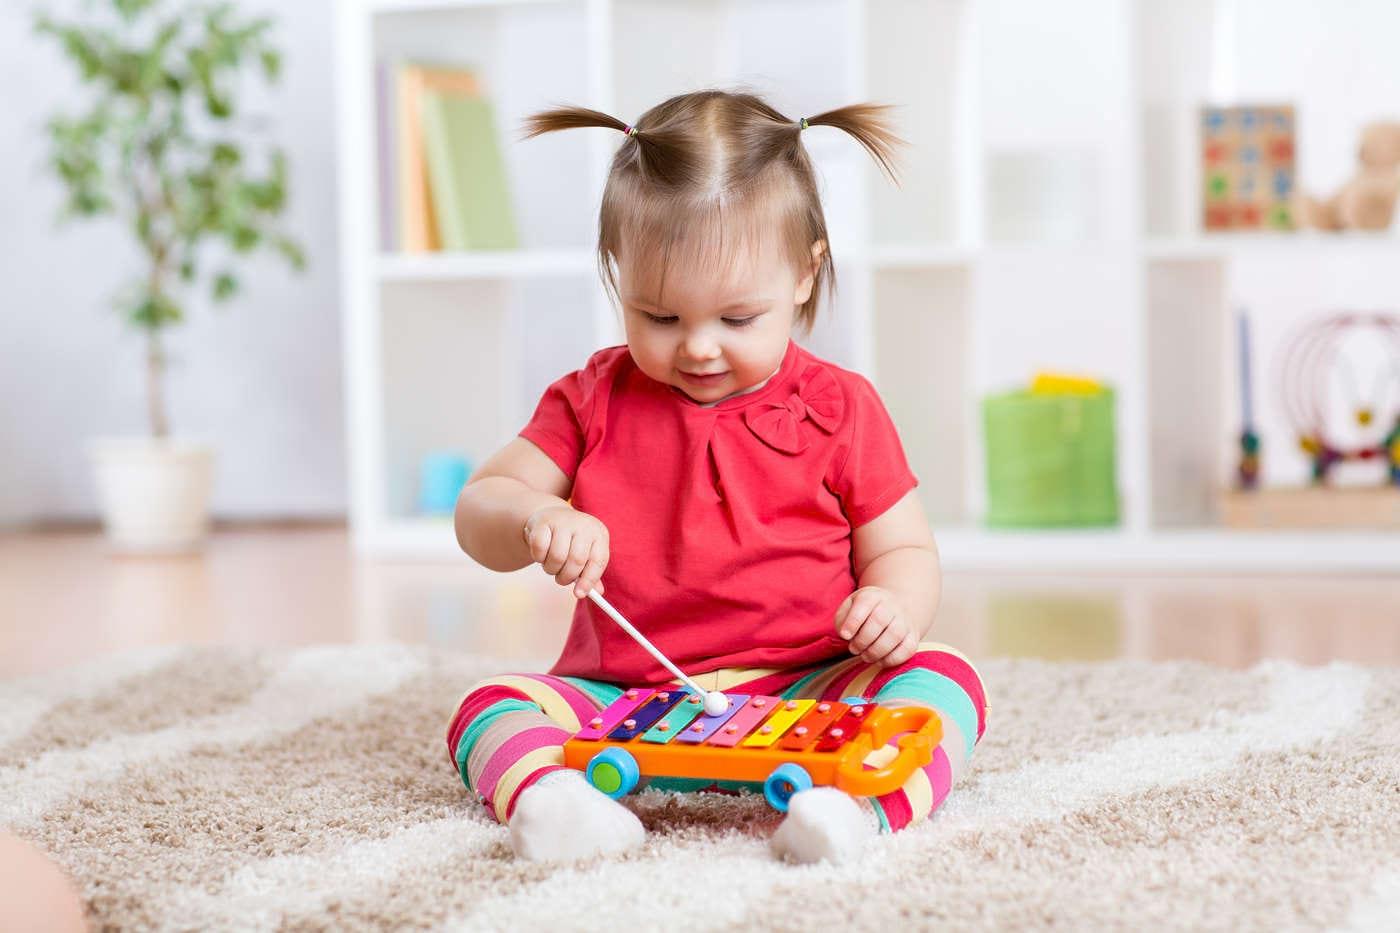 Ce efecte are muzica asupra creierului copilului